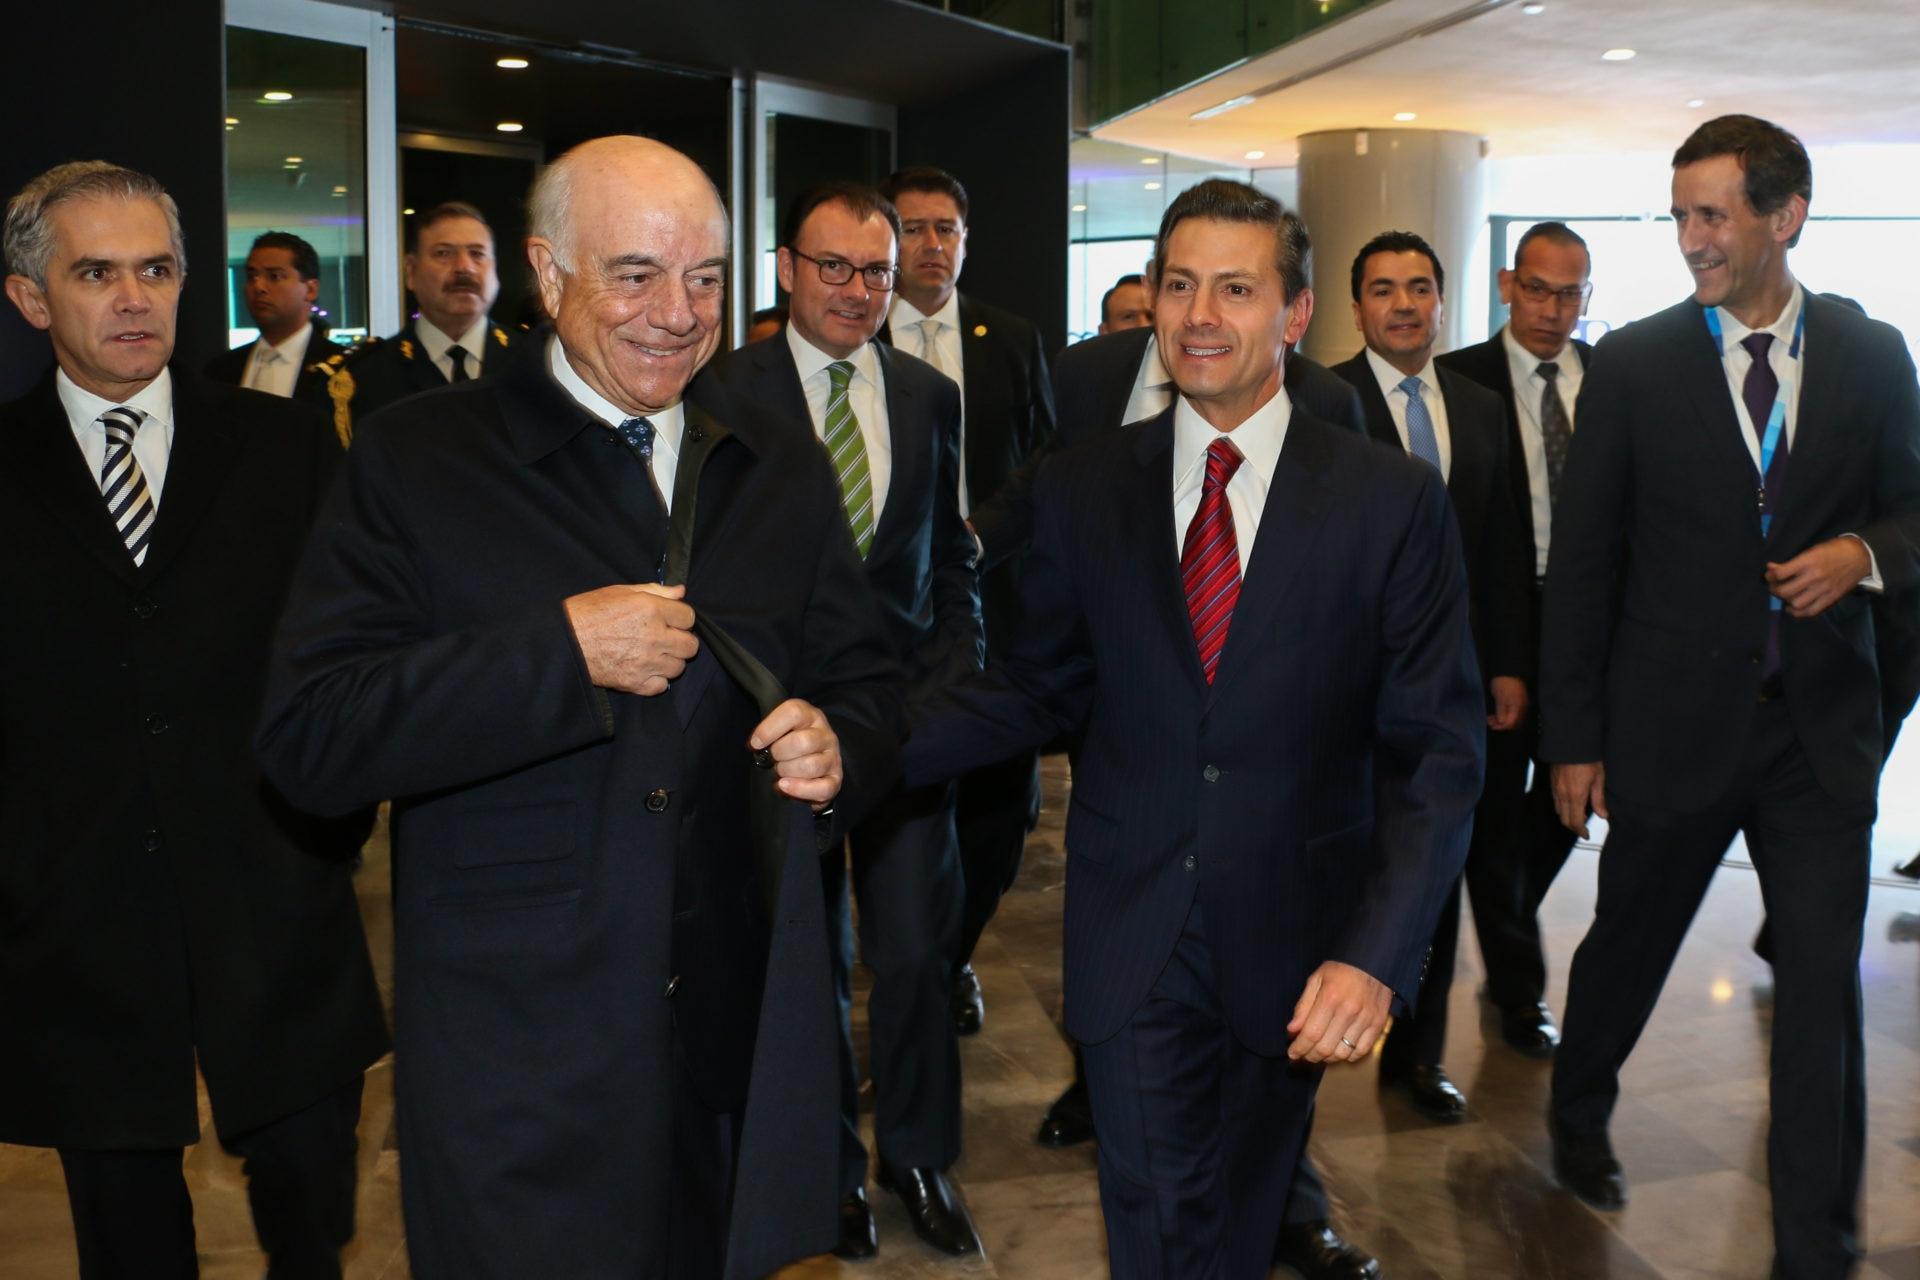 Francisco-González-y-Enrique-Peña-Nieto-llegan-al-edificio